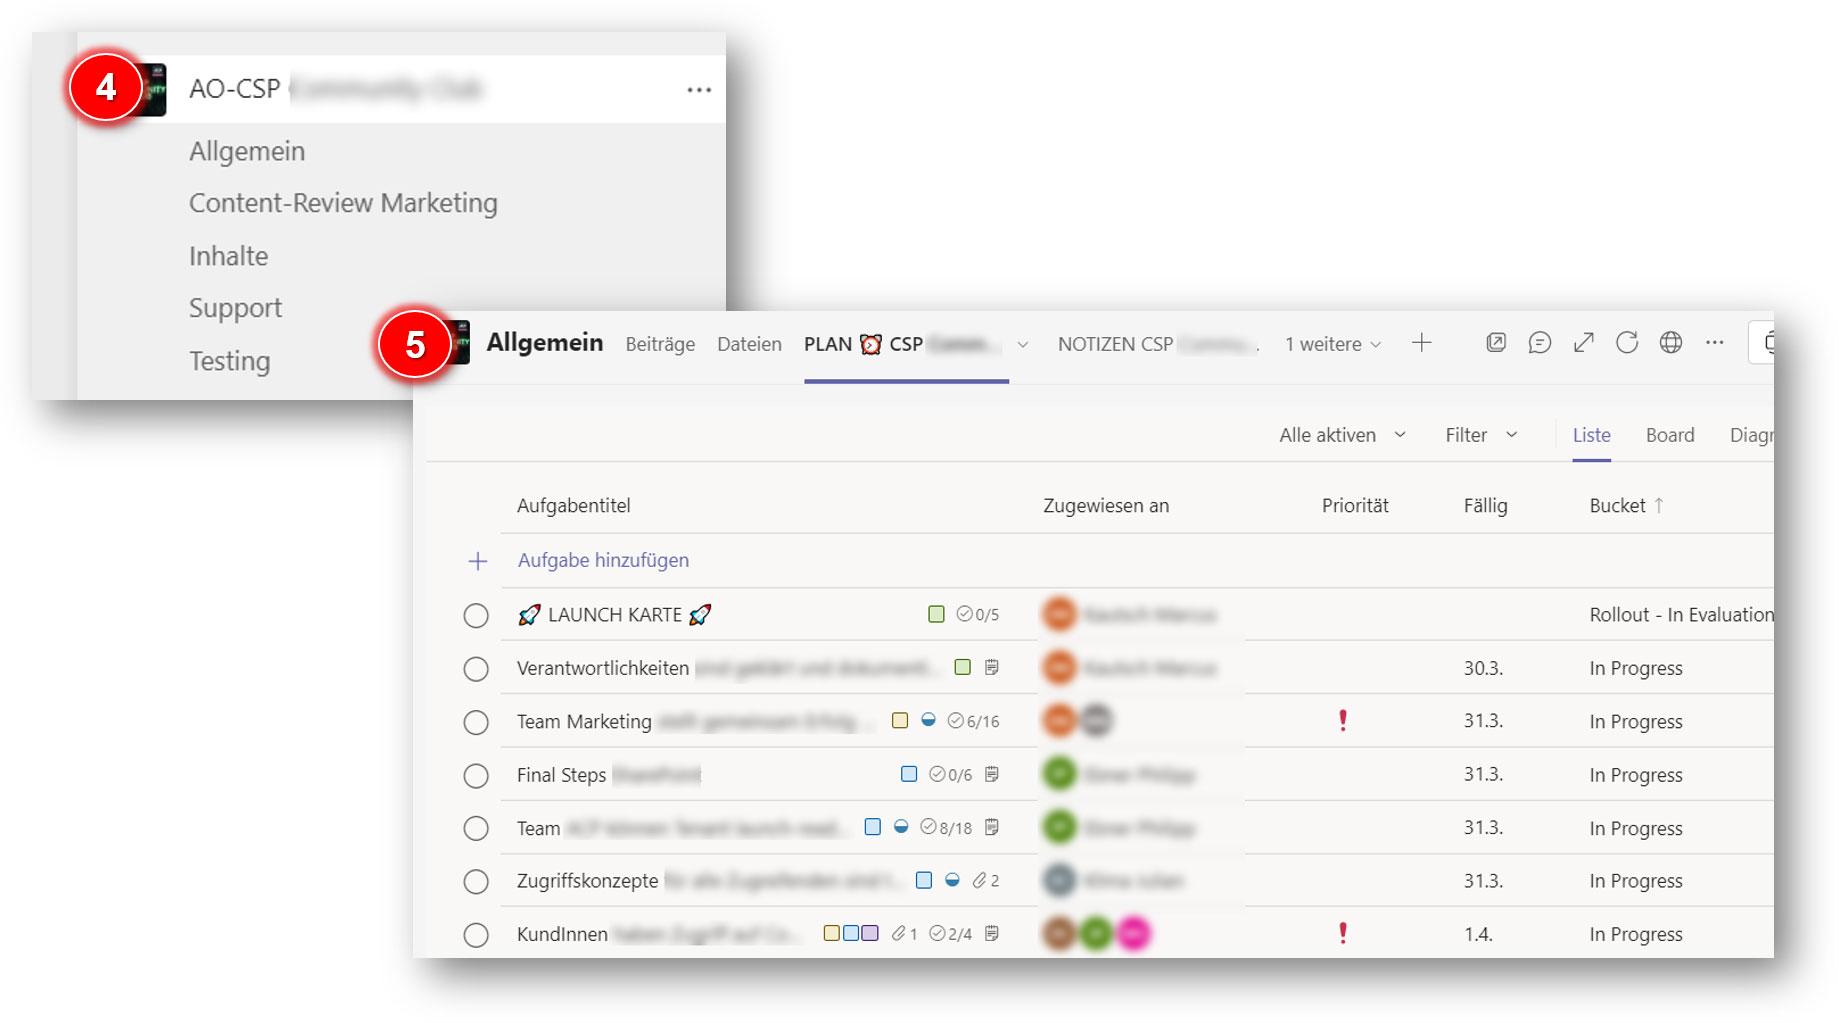 Projektmanagement leicht gemacht mit Team, Channel und Tab in MS Teams